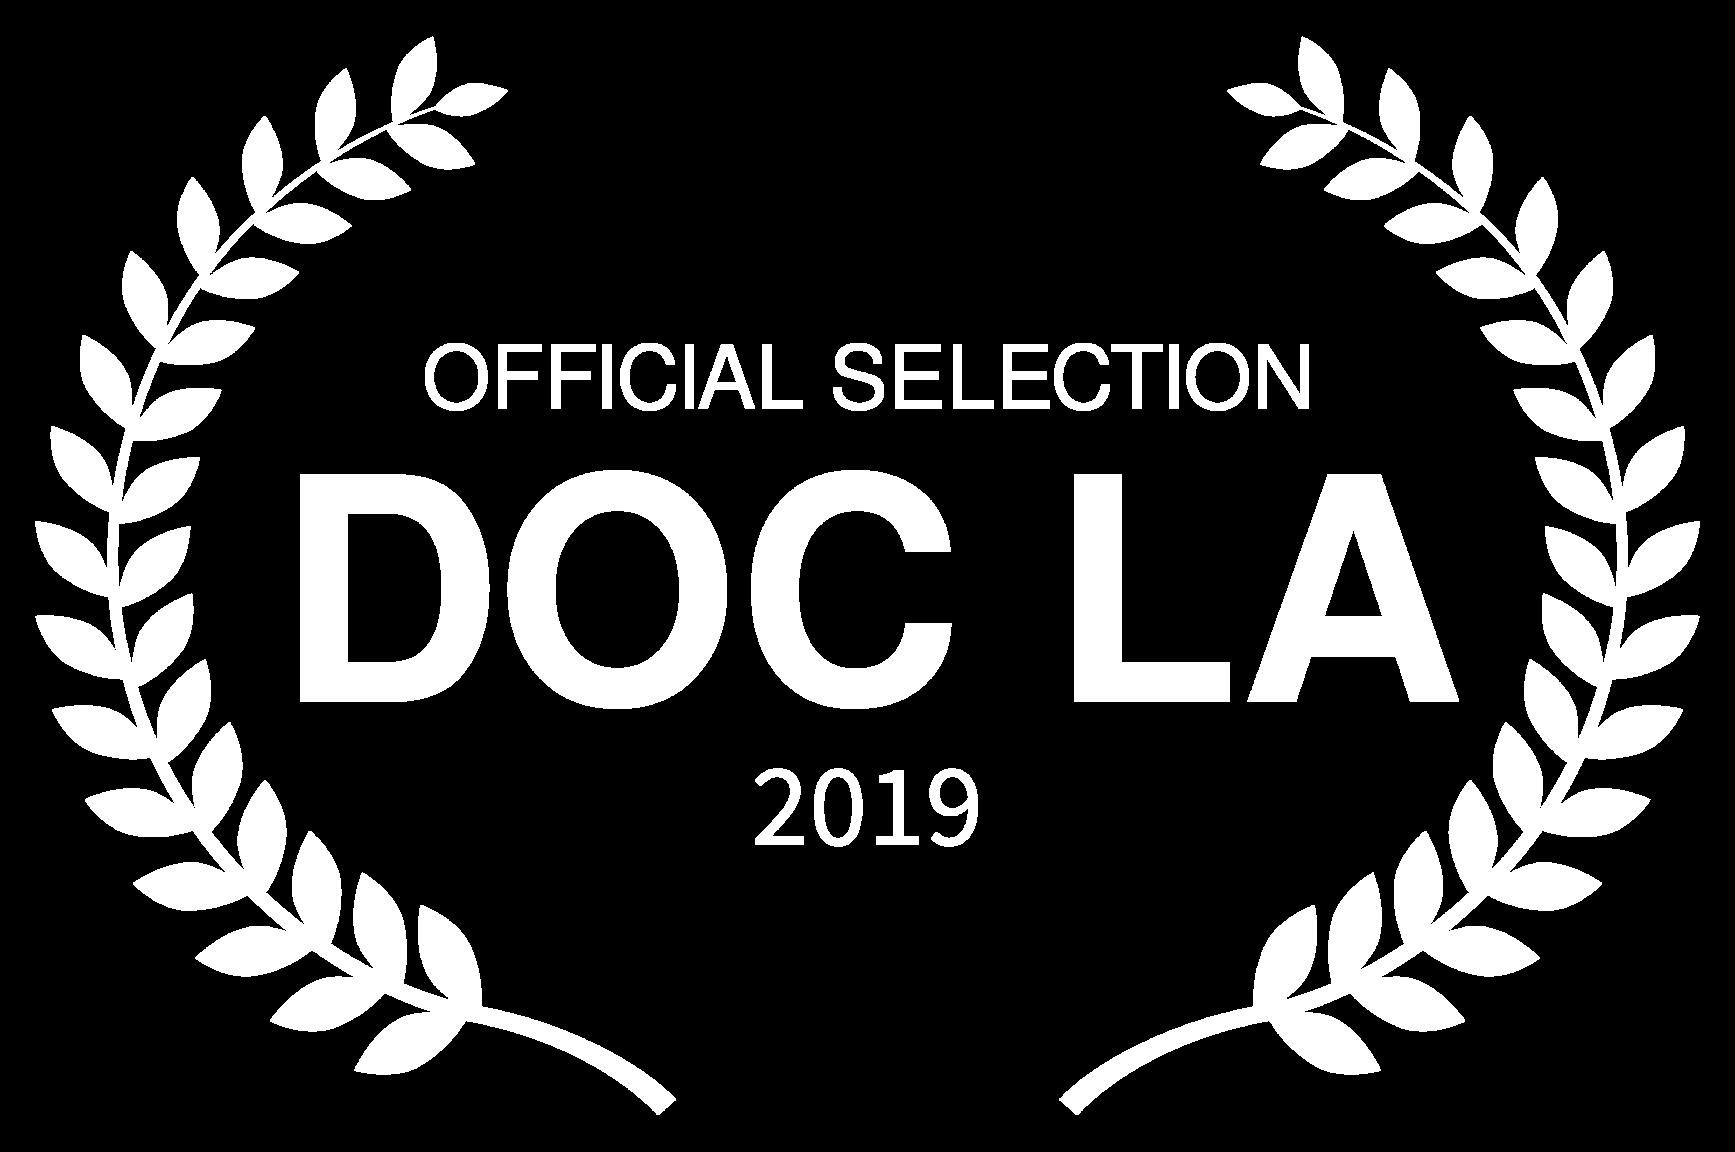 OFFICIAL SELECTION - DOC LA - 2019.png